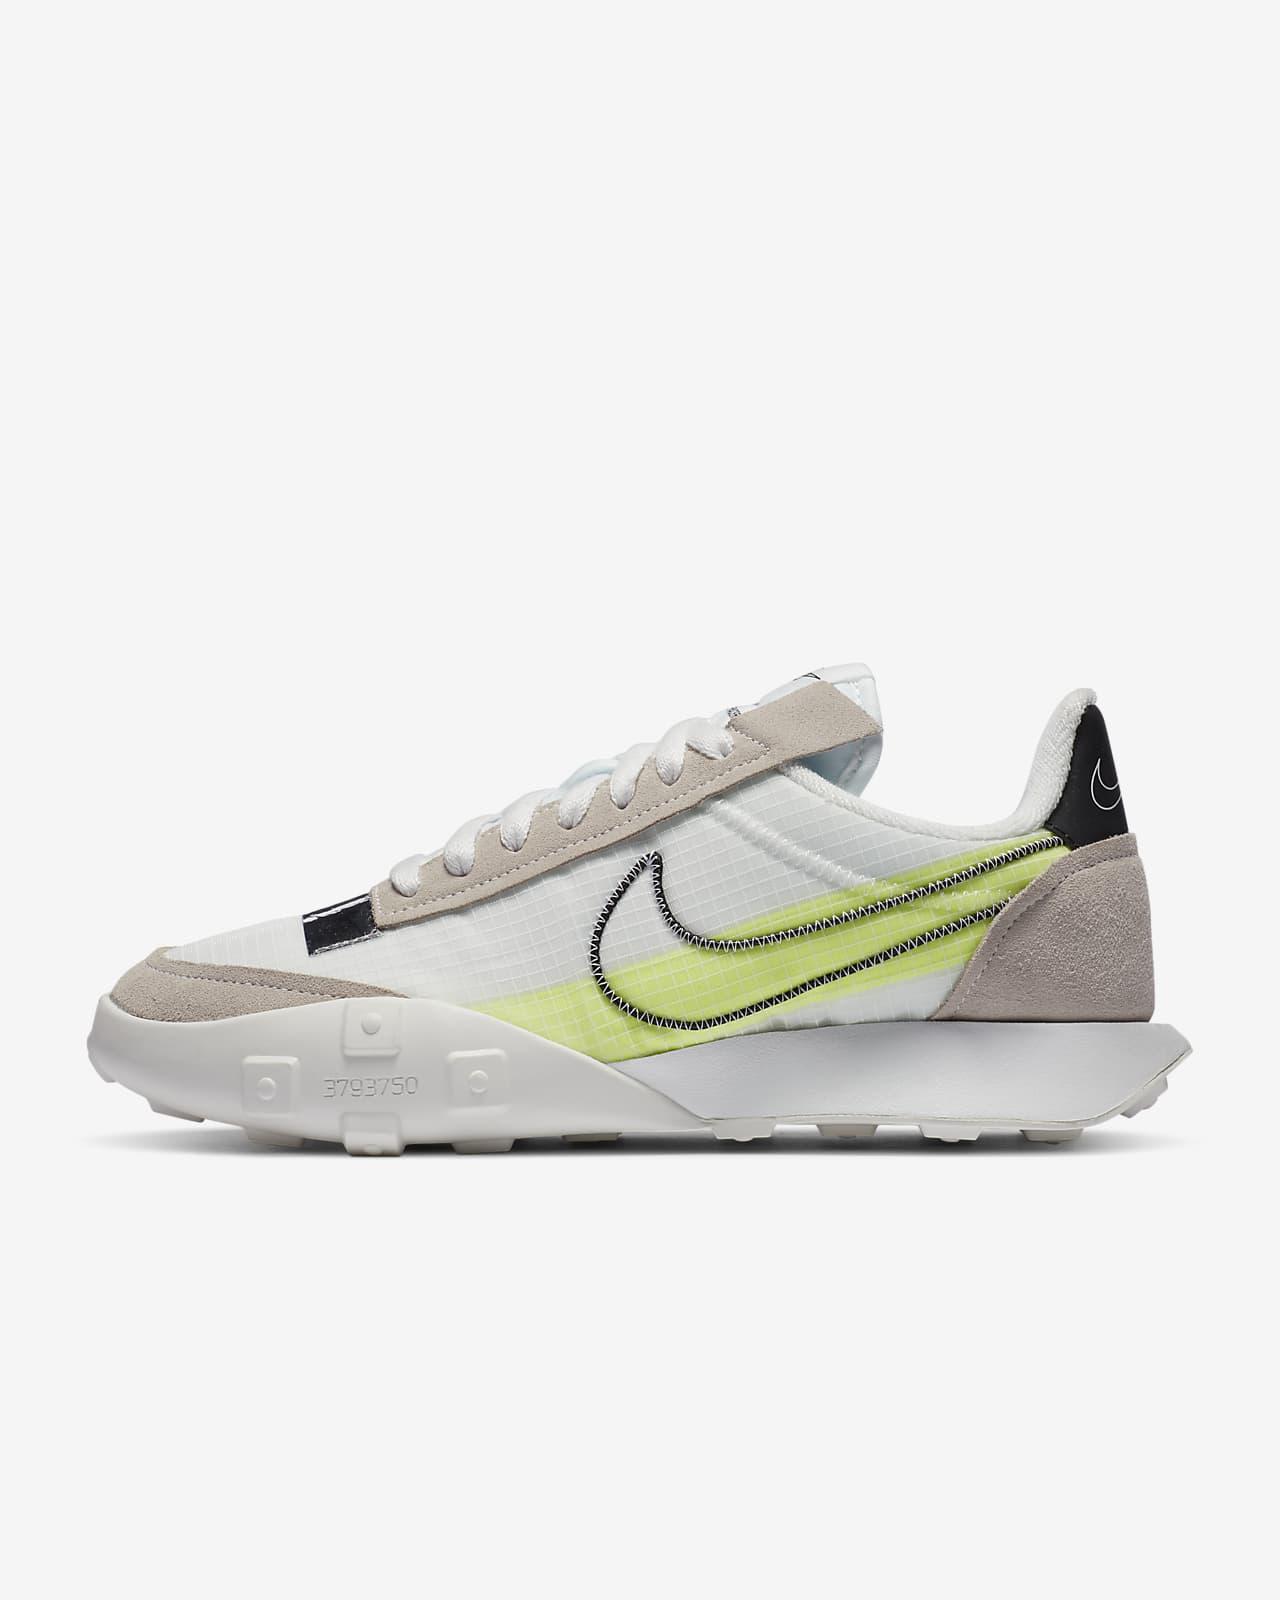 Nike Waffle Racer 2X Women's Shoes